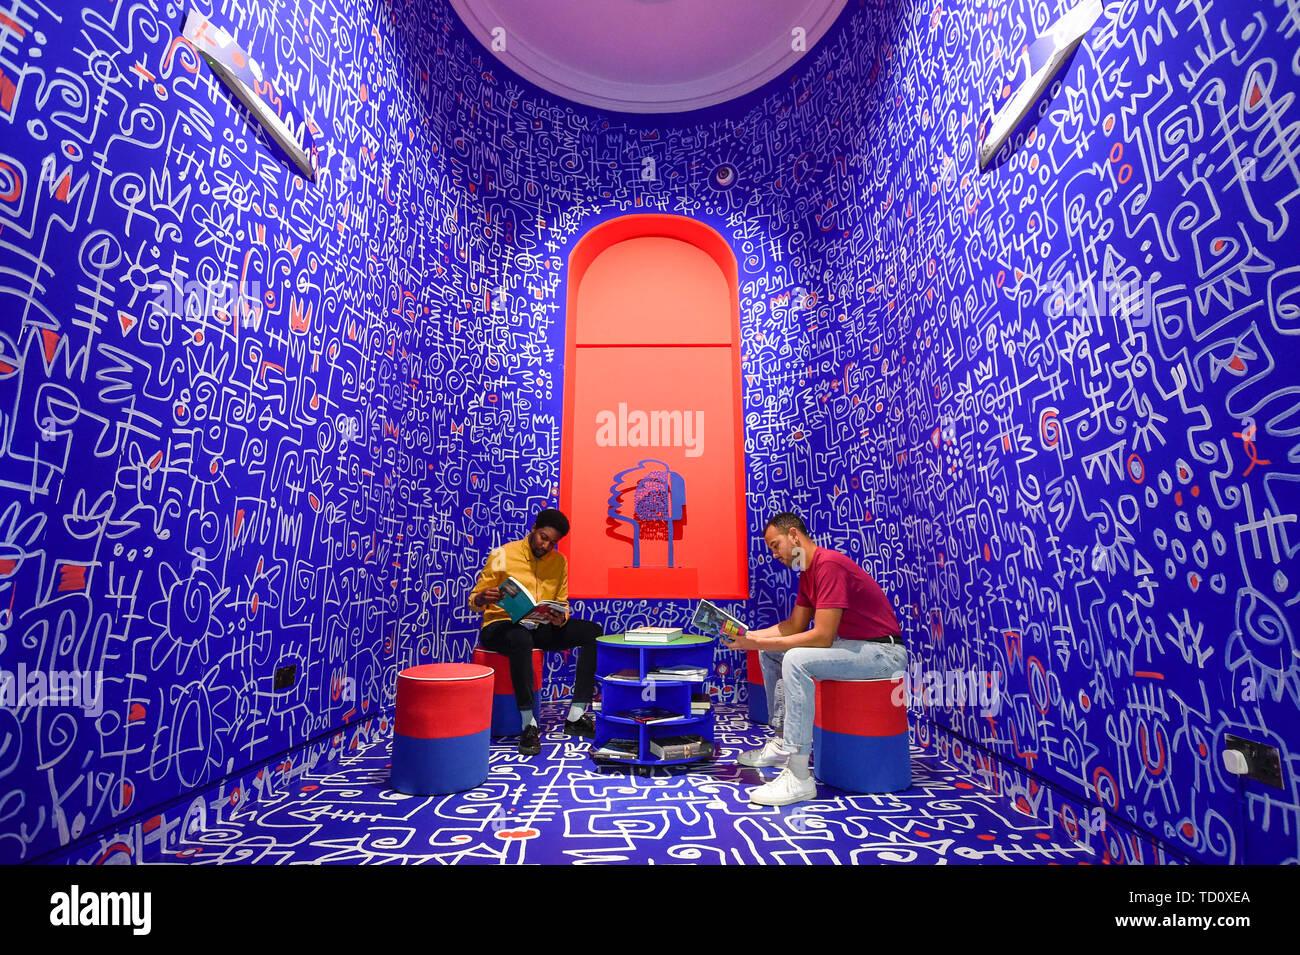 """Londres, Royaume-Uni. 11 juin 2019. Les membres du personnel s'asseoir dans la galerie 'Shrine à la sagesse"""", 2019, par Victor Ekpuk à l'aperçu d'une nouvelle grande exposition 'Get up, Stand Up Now' à Somerset House qui s'étend du 12 juin au 15 septembre 2019. L'exposition célèbre plus de 50 années de créativité noire en Grande-Bretagne et au-delà, mettant en vedette des œuvres de plus de 100 artistes. Crédit: Stephen Chung / Alamy Live News Photo Stock"""